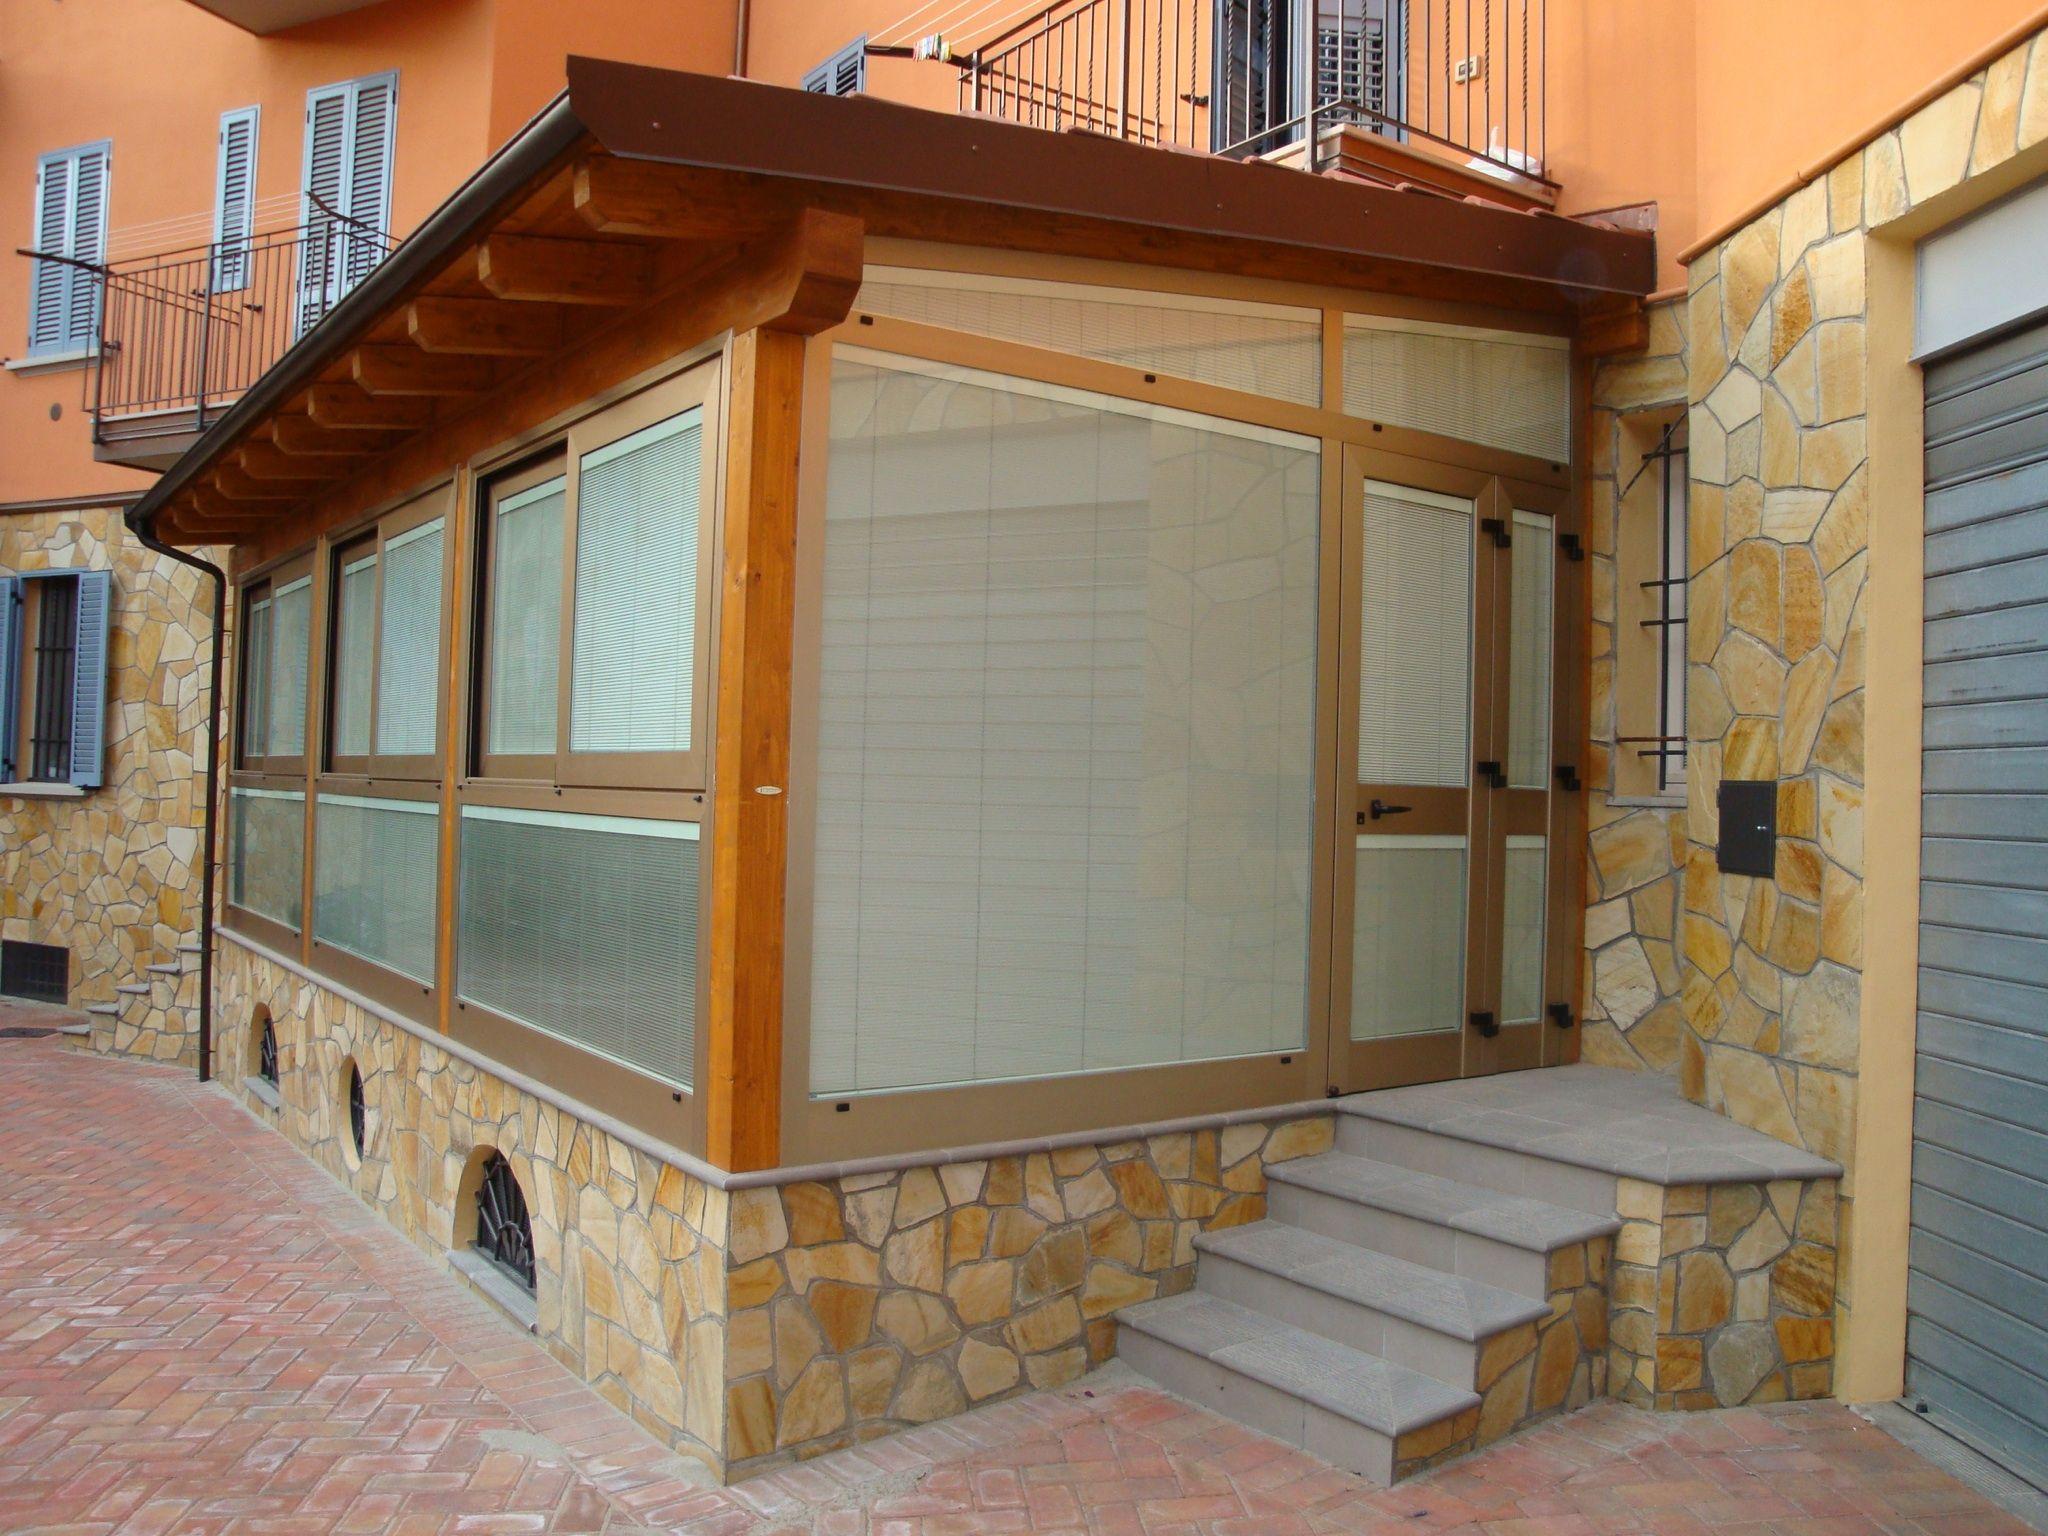 lf arredo legno - bologna - casette in legno , gazebi , tettoie ... - Lusso Mobili Gazebo In Legno